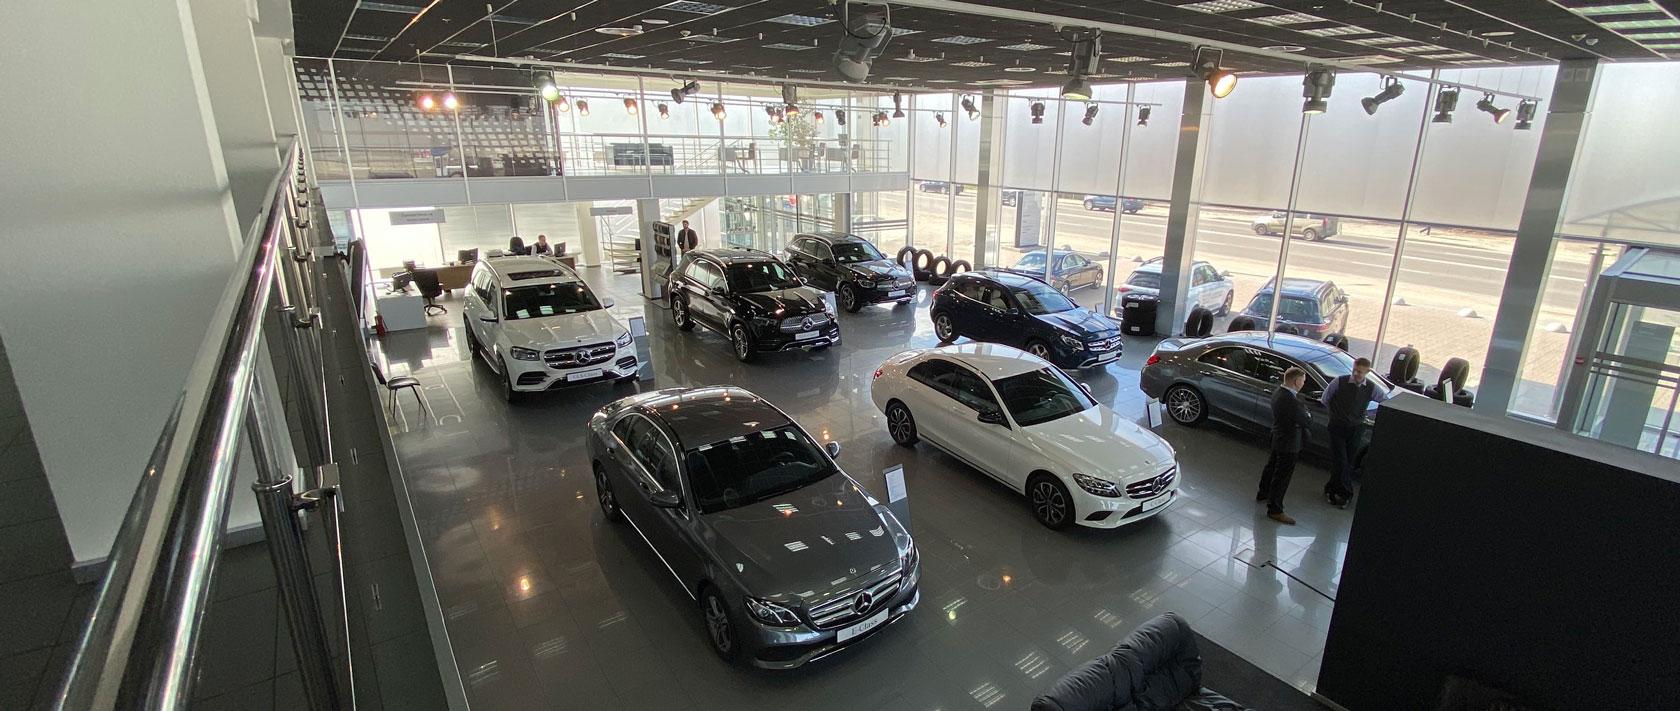 Обирайте свій Mercedes-Benz онлайн в Автоцентрі на Кільцевій